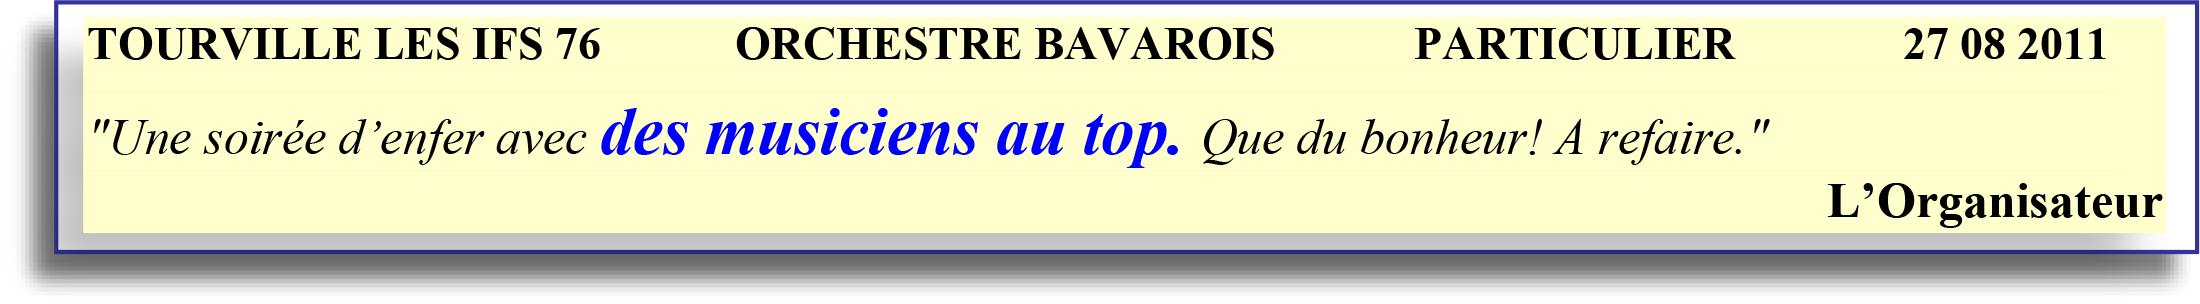 Tourville les IFS 76